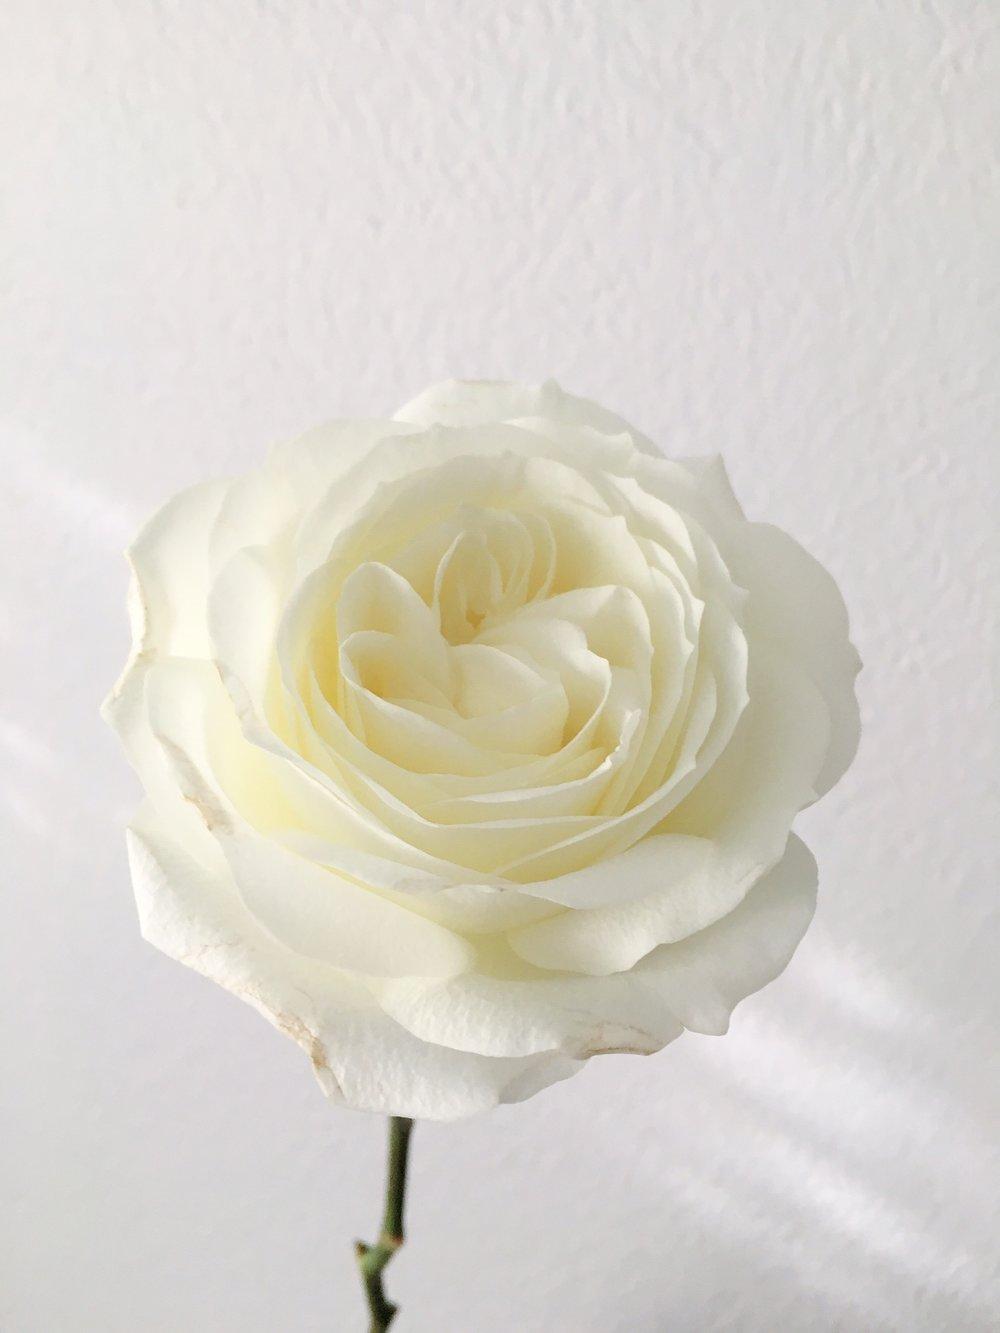 ALBASTER GARDEN ROSE